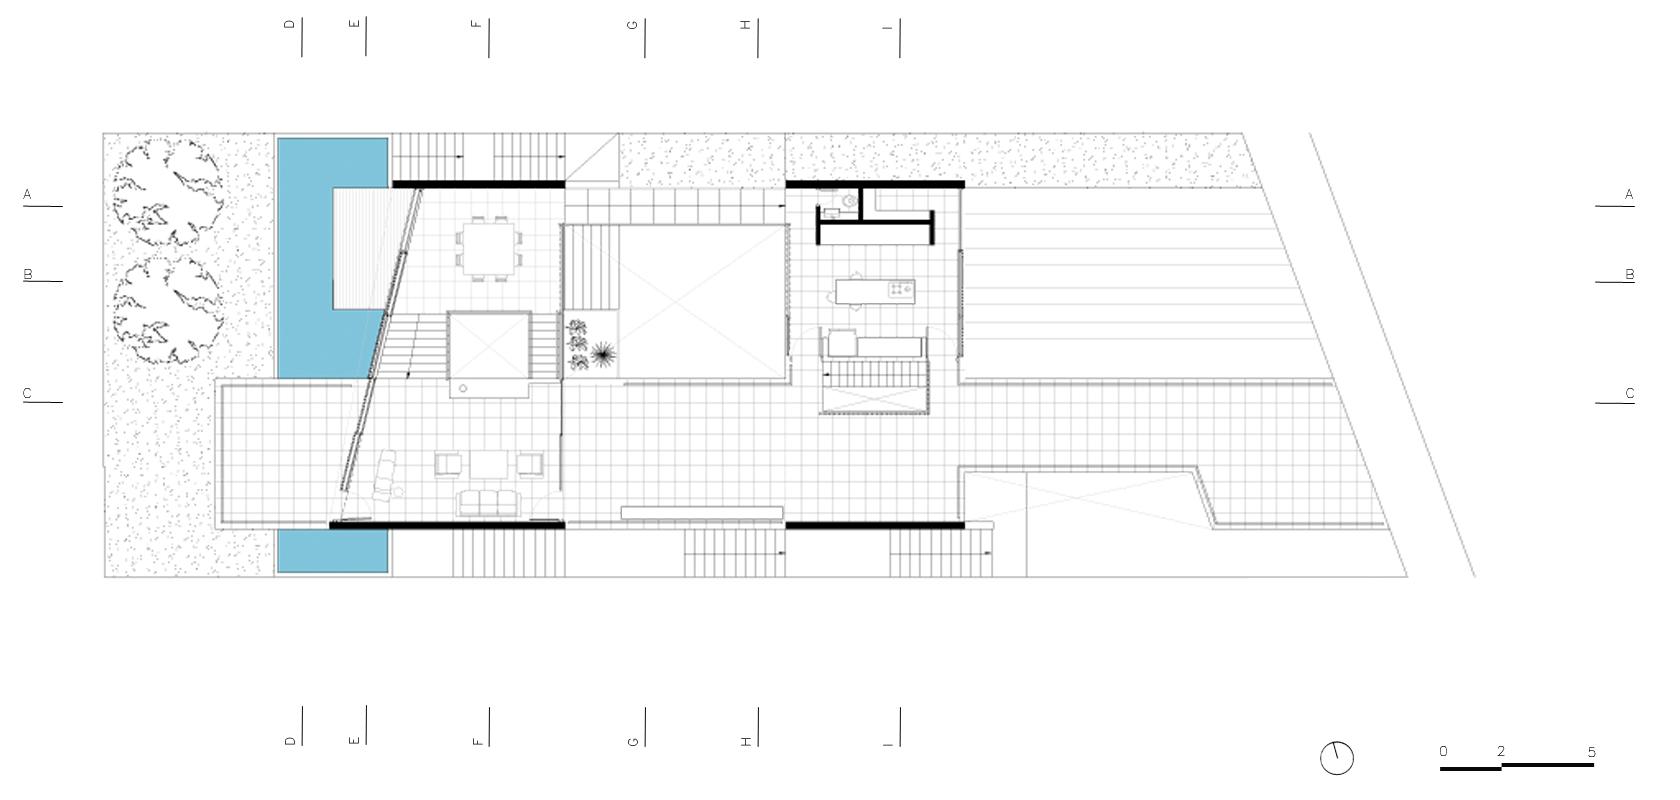 Super Galeria de Em Construção: Residência Itahye / Apiacás Arquitetos +  CW24